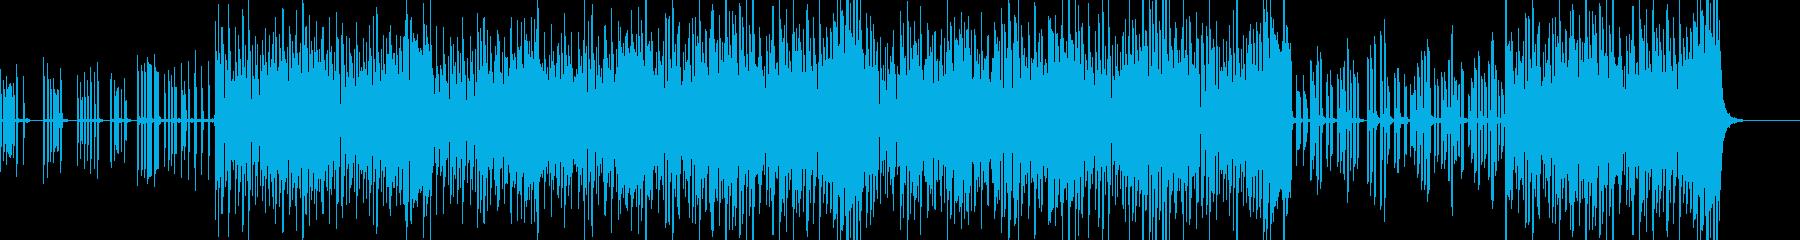 モジュラーシンセのような懐古曲の再生済みの波形